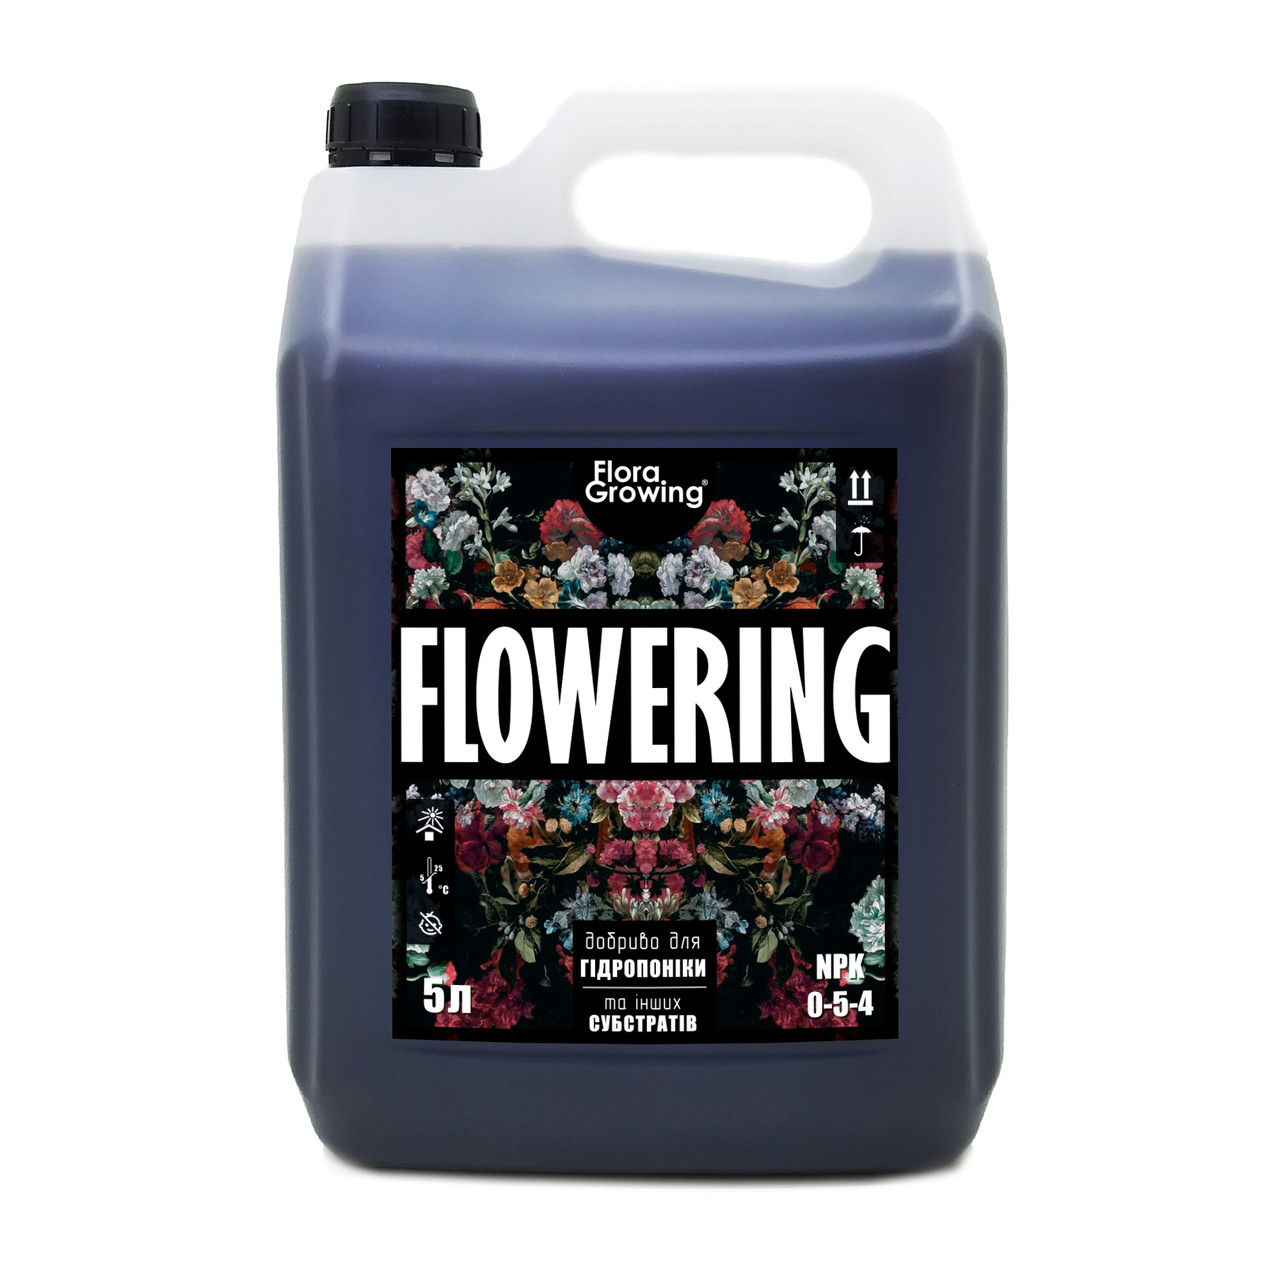 5 л Flowering - Стимулятор цветения для гидропоники и почвы аналог Ripen